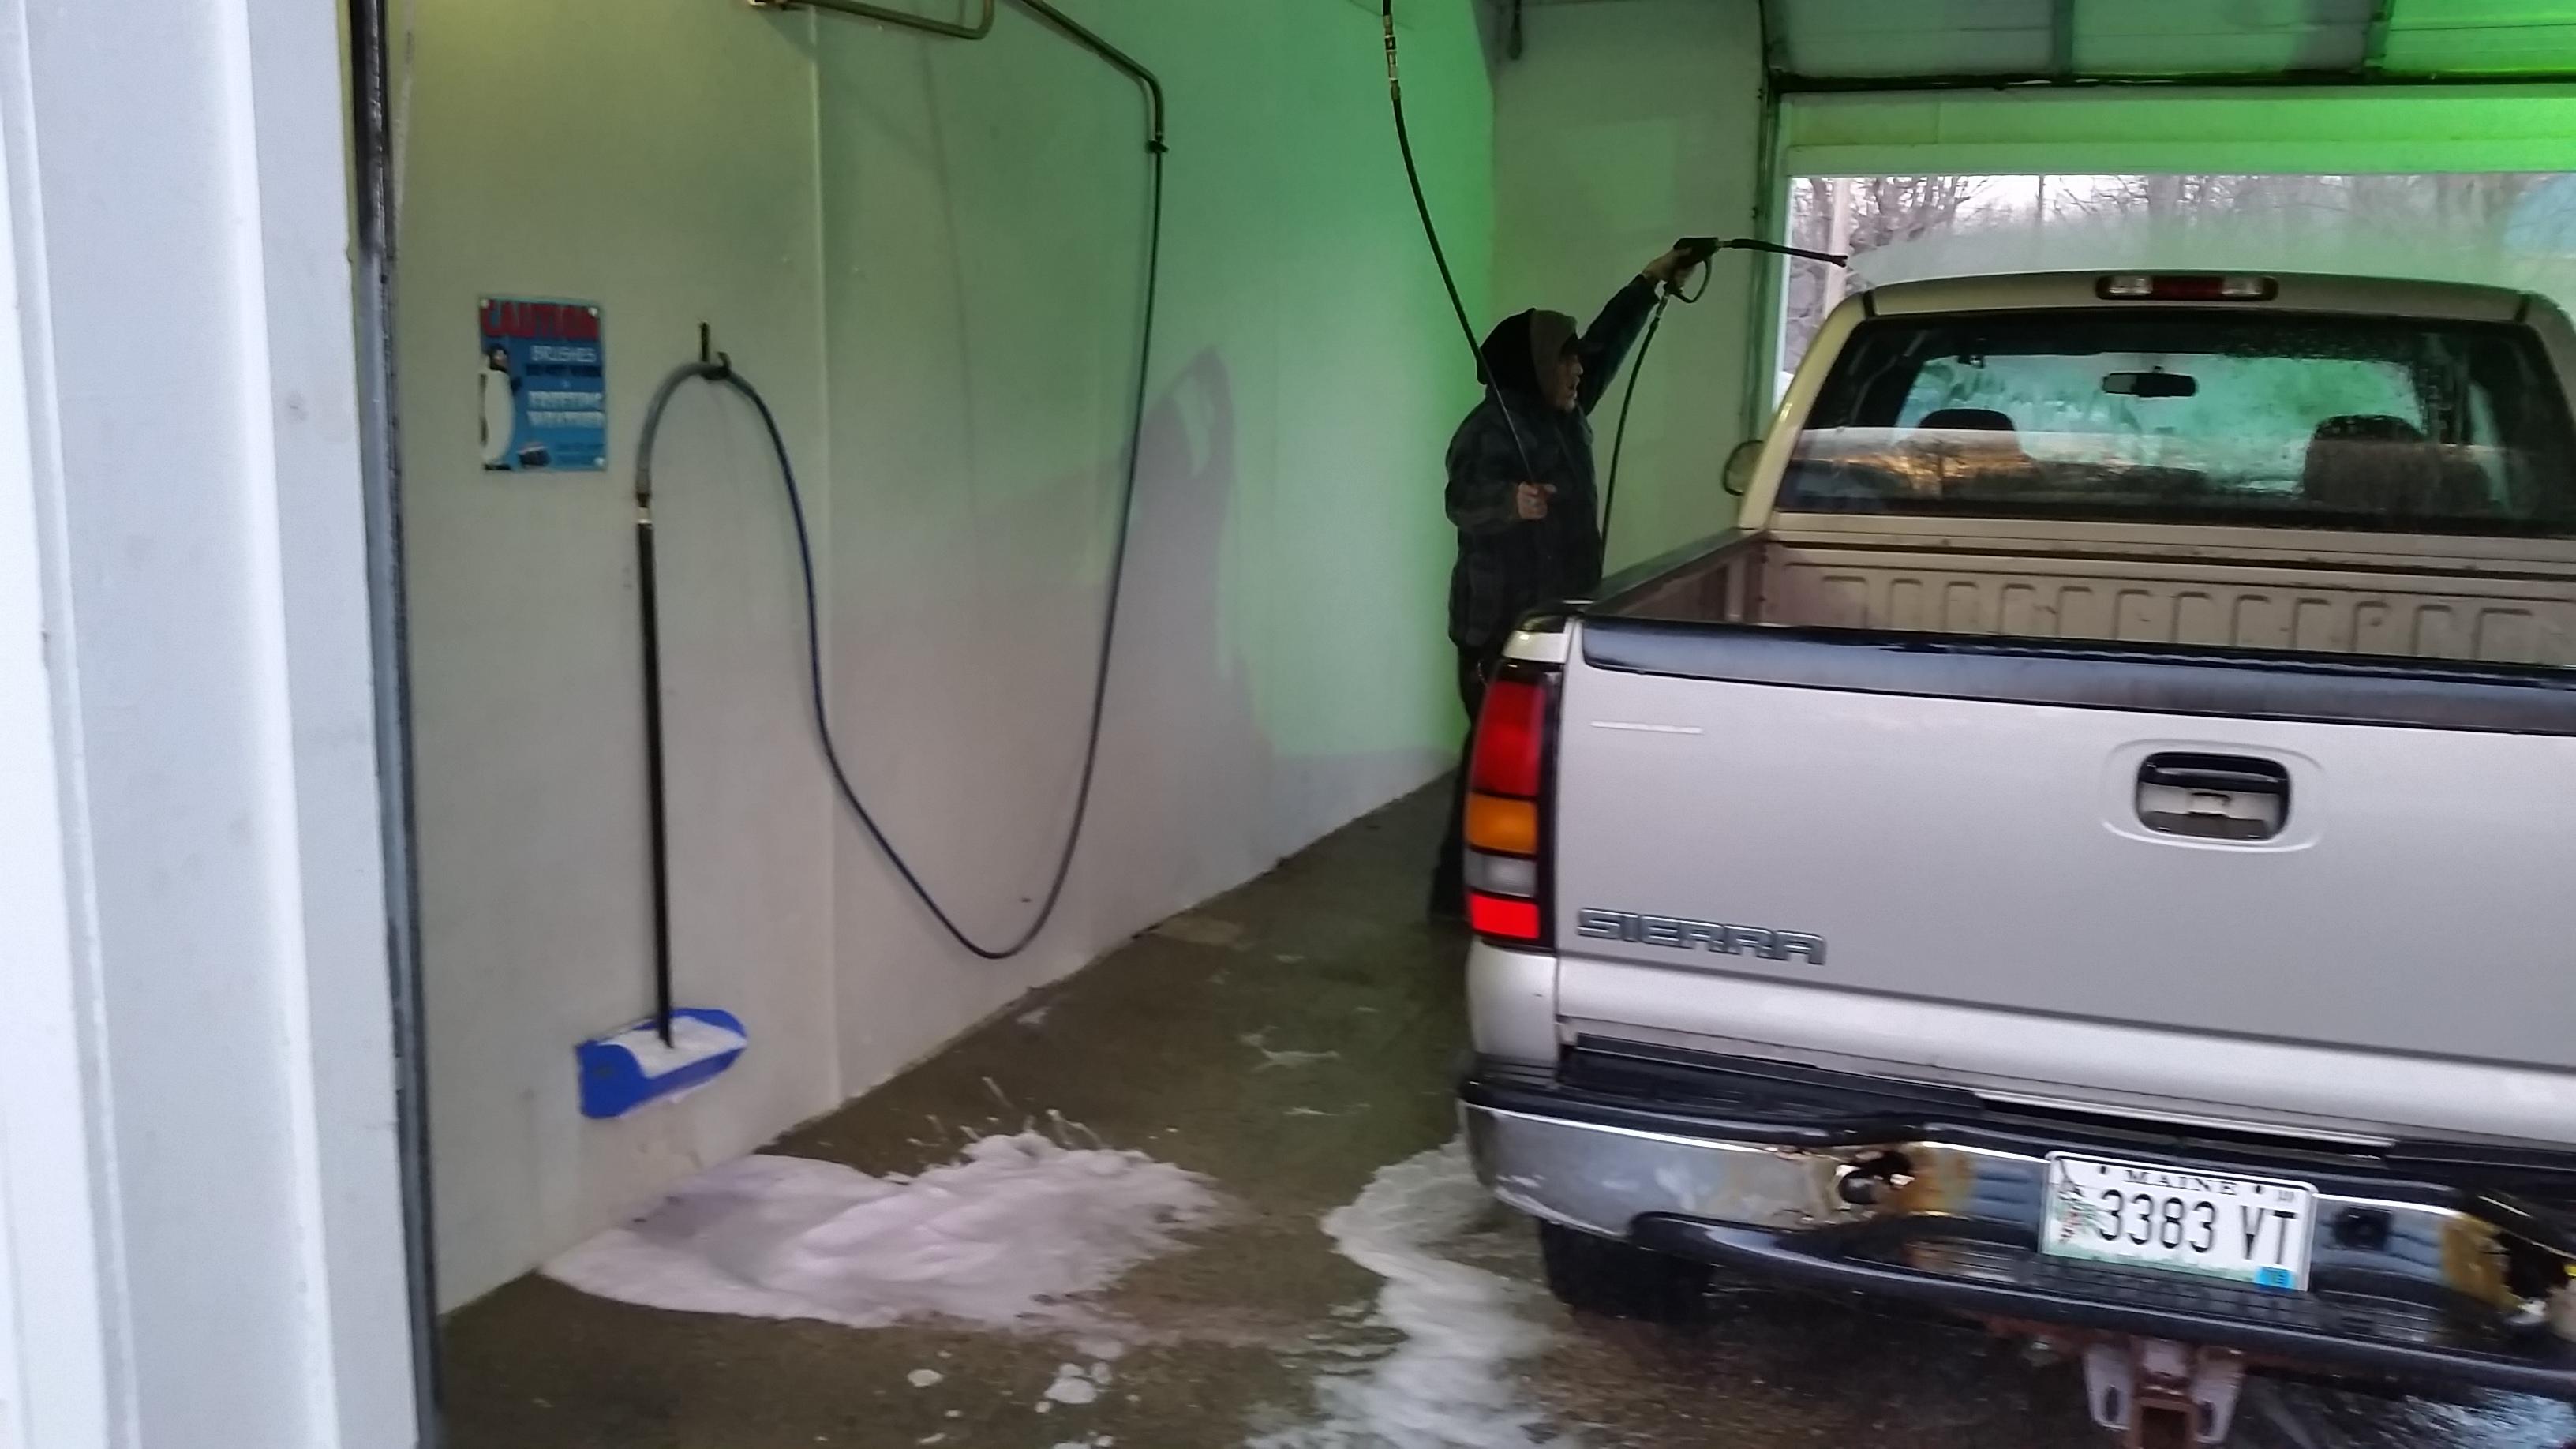 Full Service Hand Car Wash Near Me